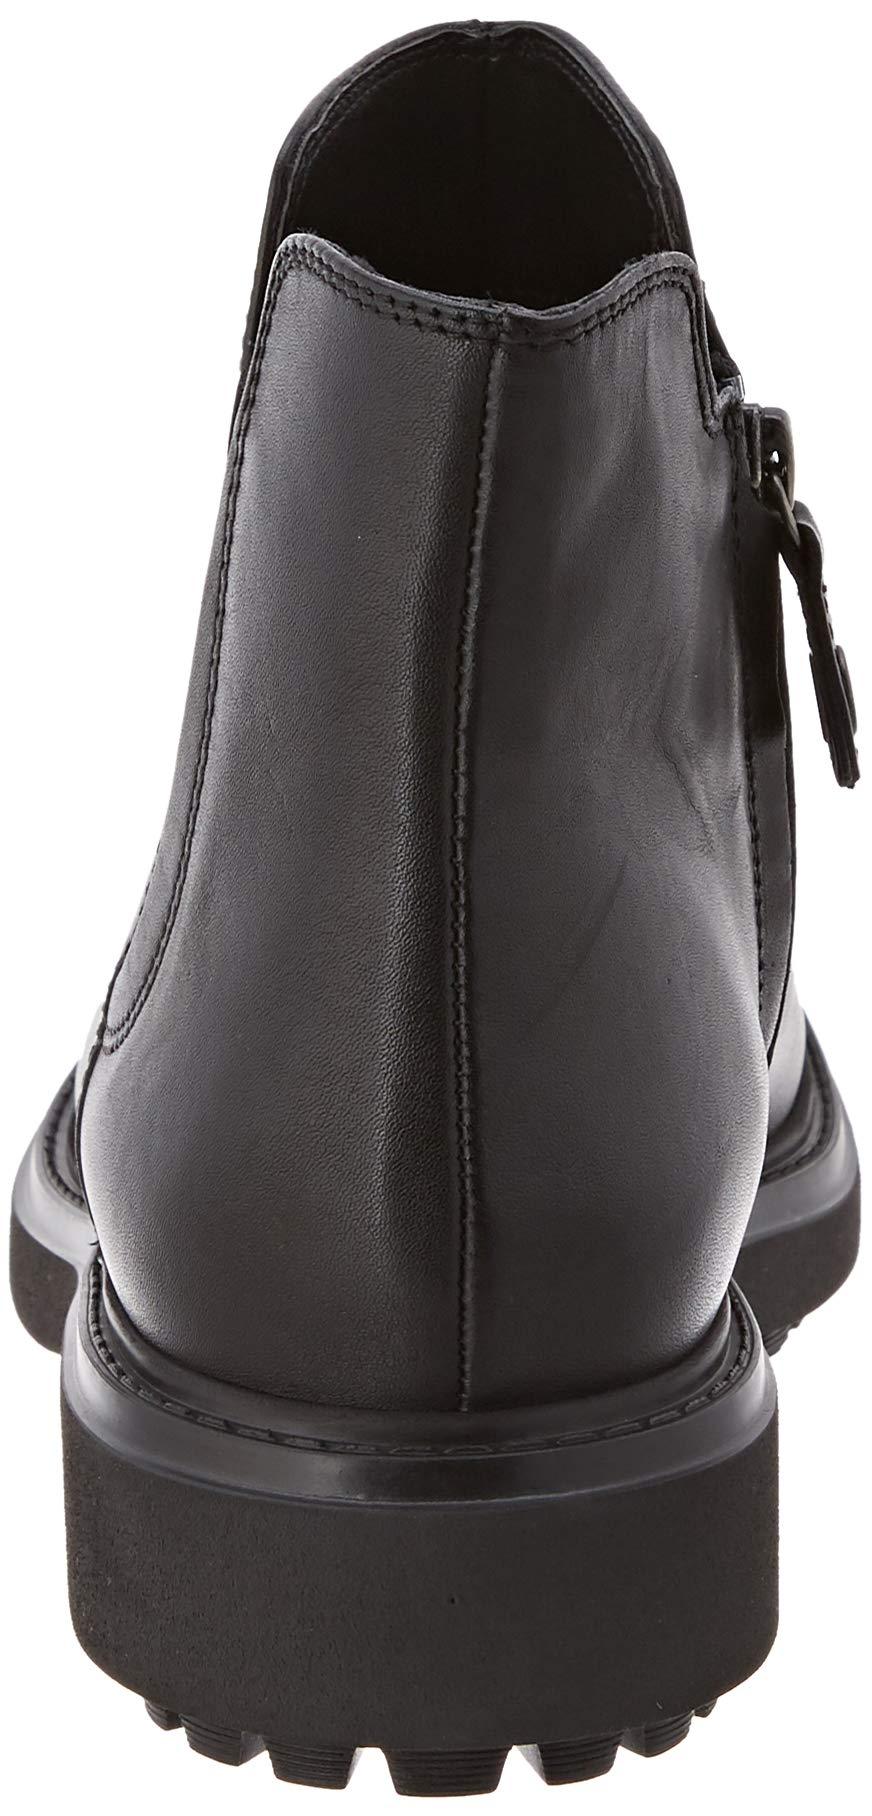 Geox Damen D Asheely E Chelsea Boots 2